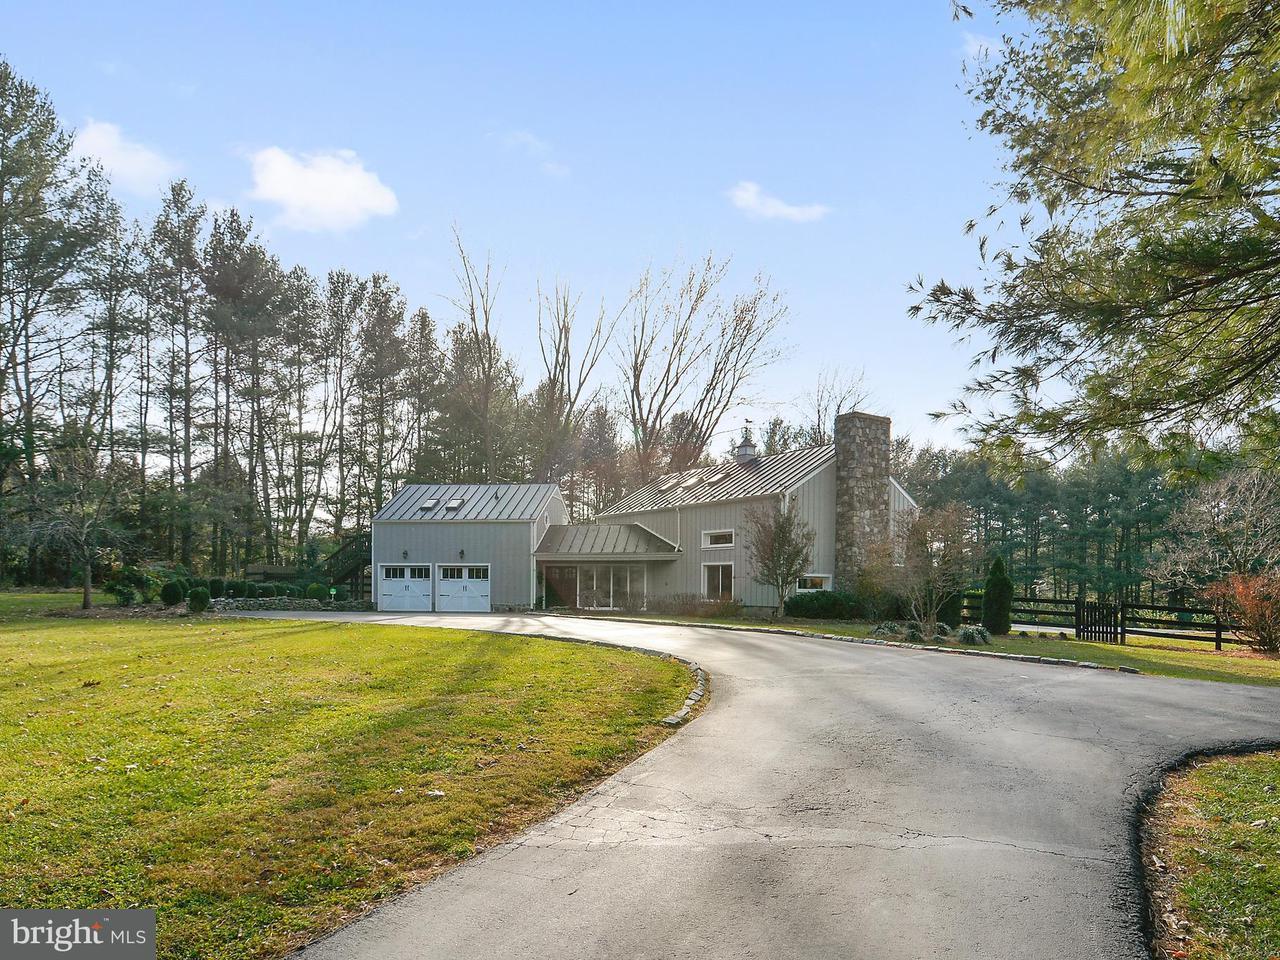 獨棟家庭住宅 為 出售 在 36913 Snickersville Tpke 36913 Snickersville Tpke Purcellville, 弗吉尼亞州 20132 美國